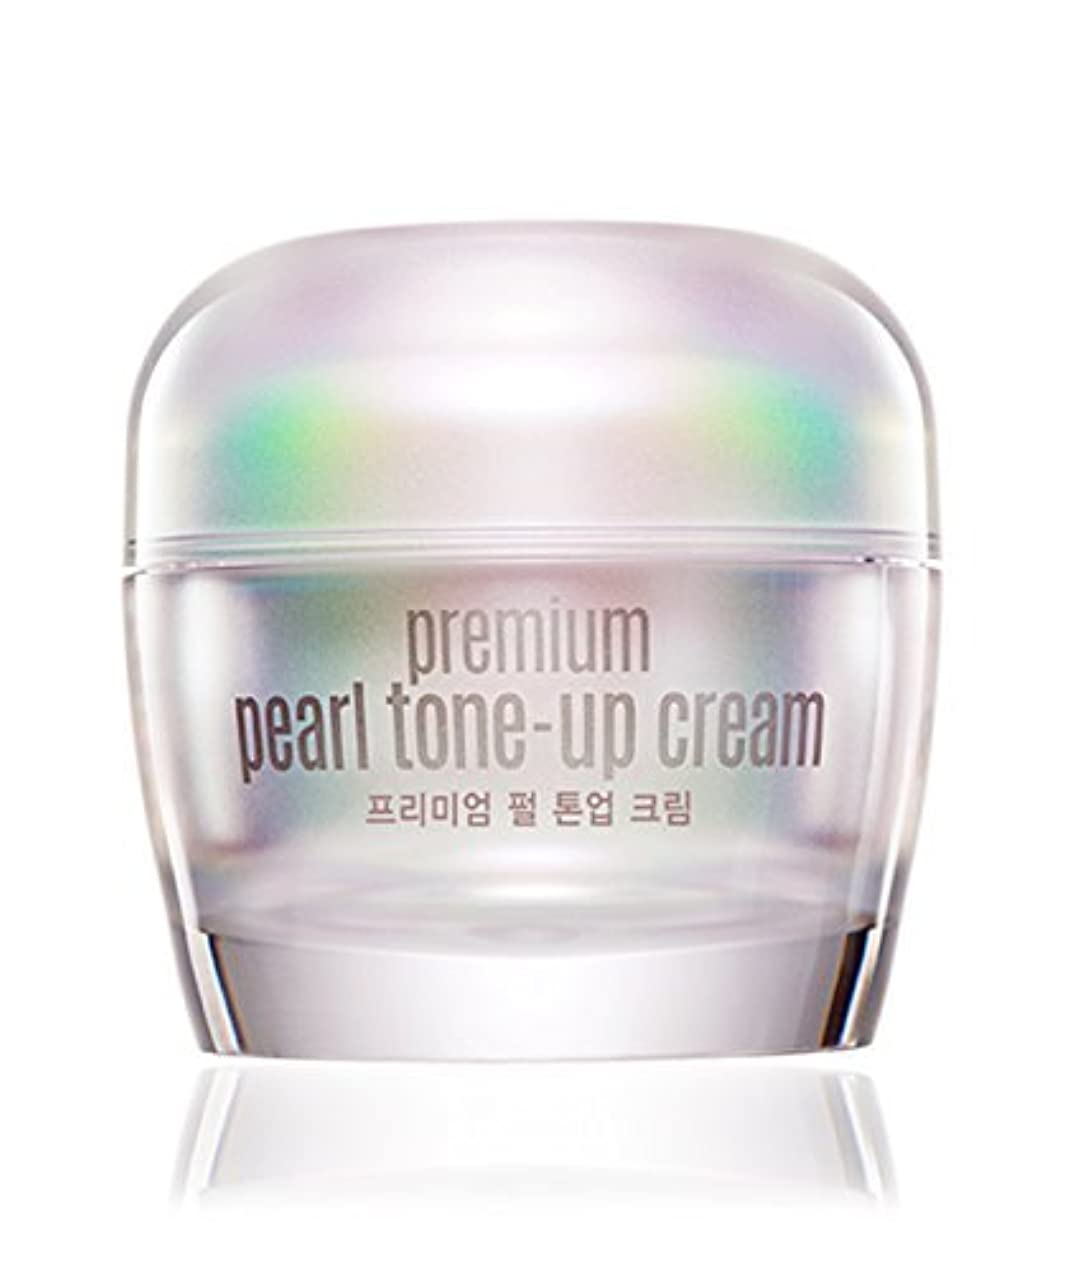 トロイの木馬東方庭園Goodal Premium Pearl Tone-Up Cream 1.7 Ounce Silver [並行輸入品]